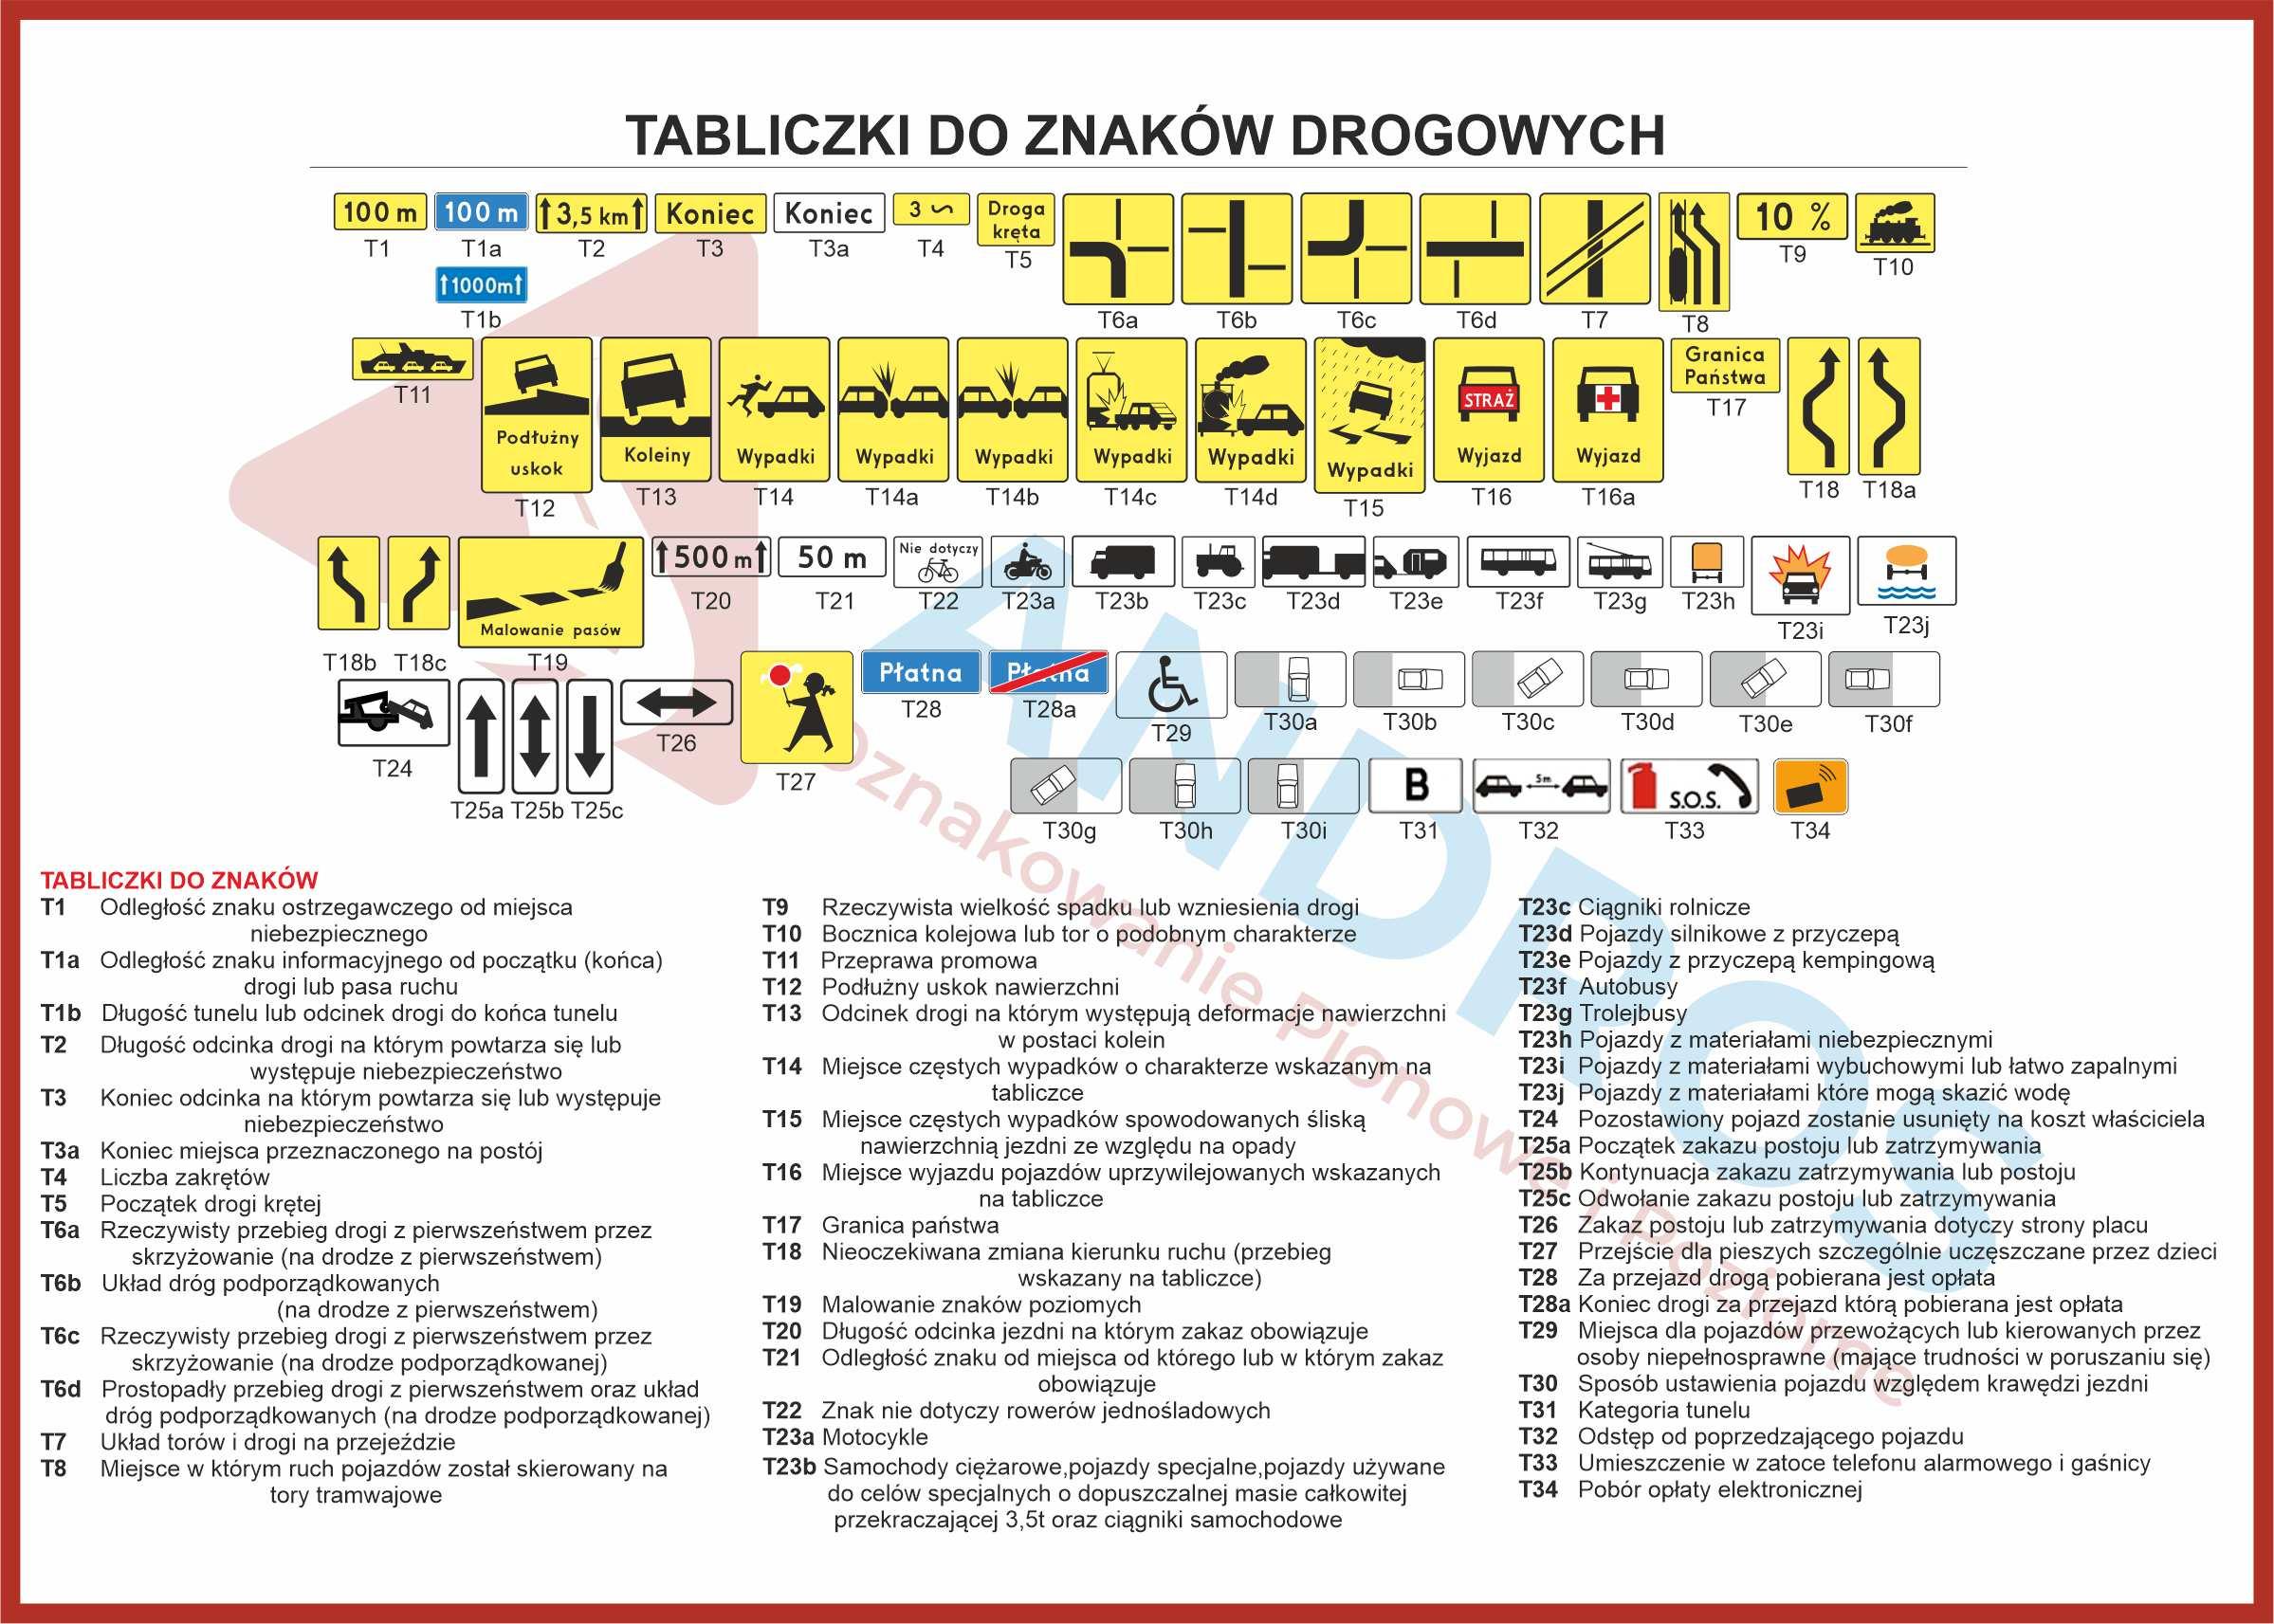 Tabliczki do znaków drogowych